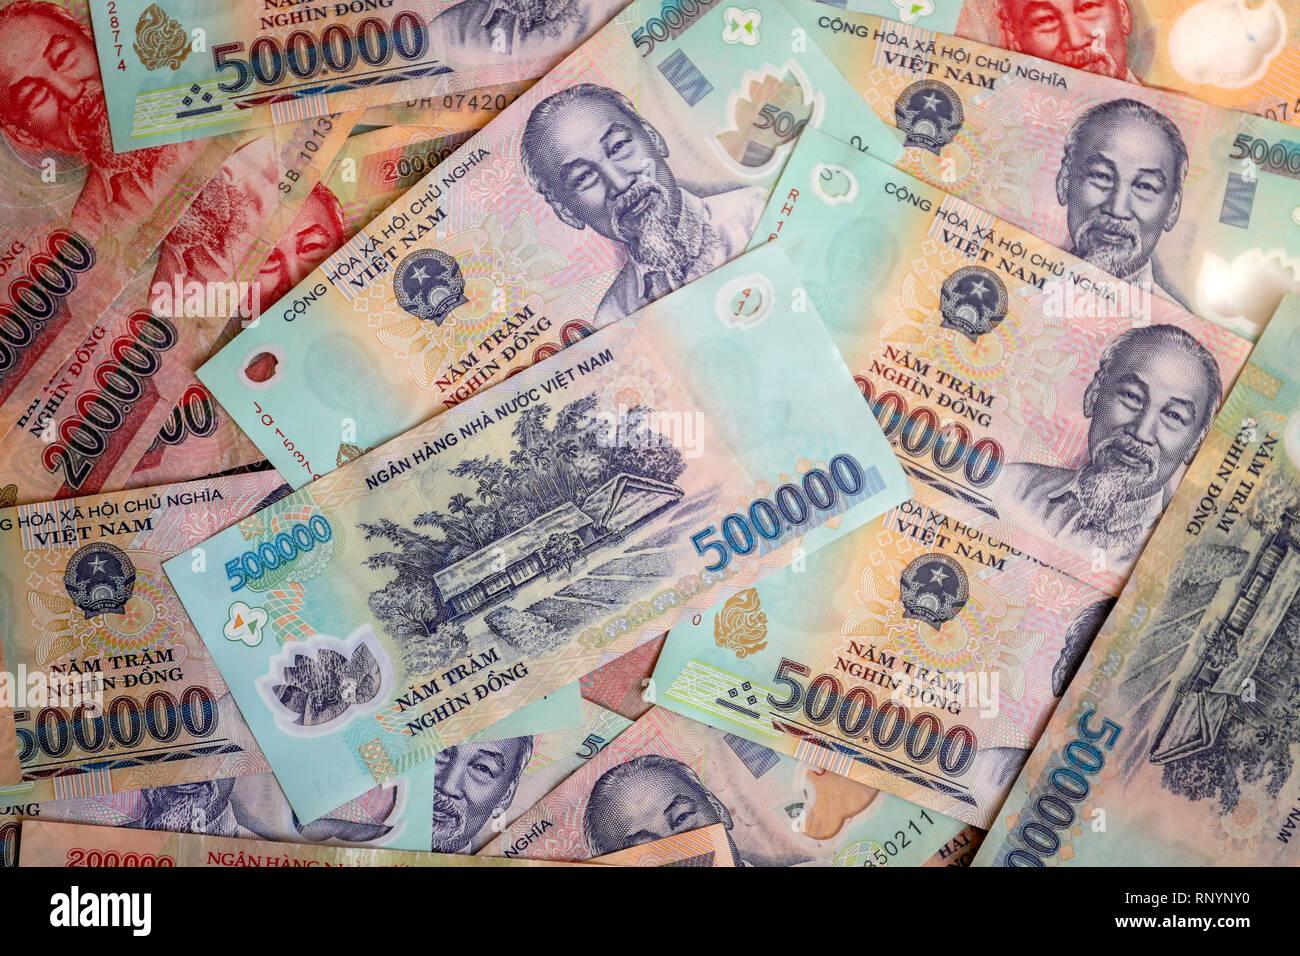 Vietnam Dong Money Stock Photos & Vietnam Dong Money Stock Images